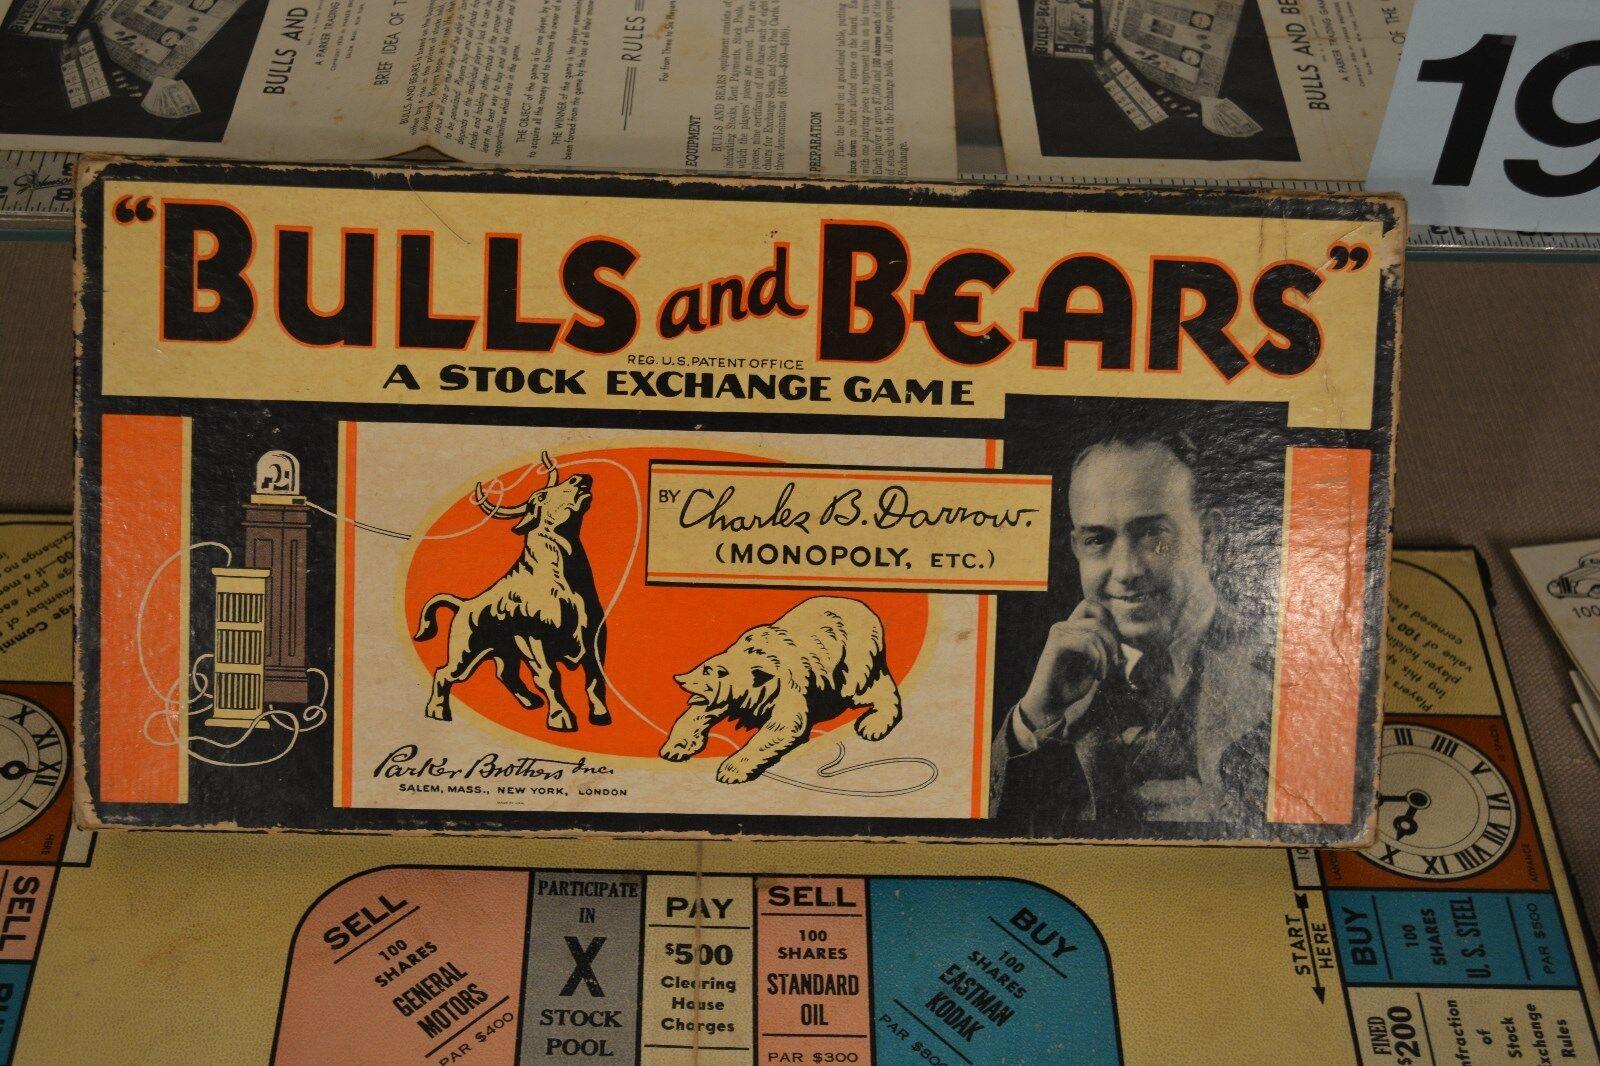 Mercado de valores Toro Y Oso 1936 Parker Brossohers Darrow juego AT&T, Gemini exclusivo, GM, Kodak